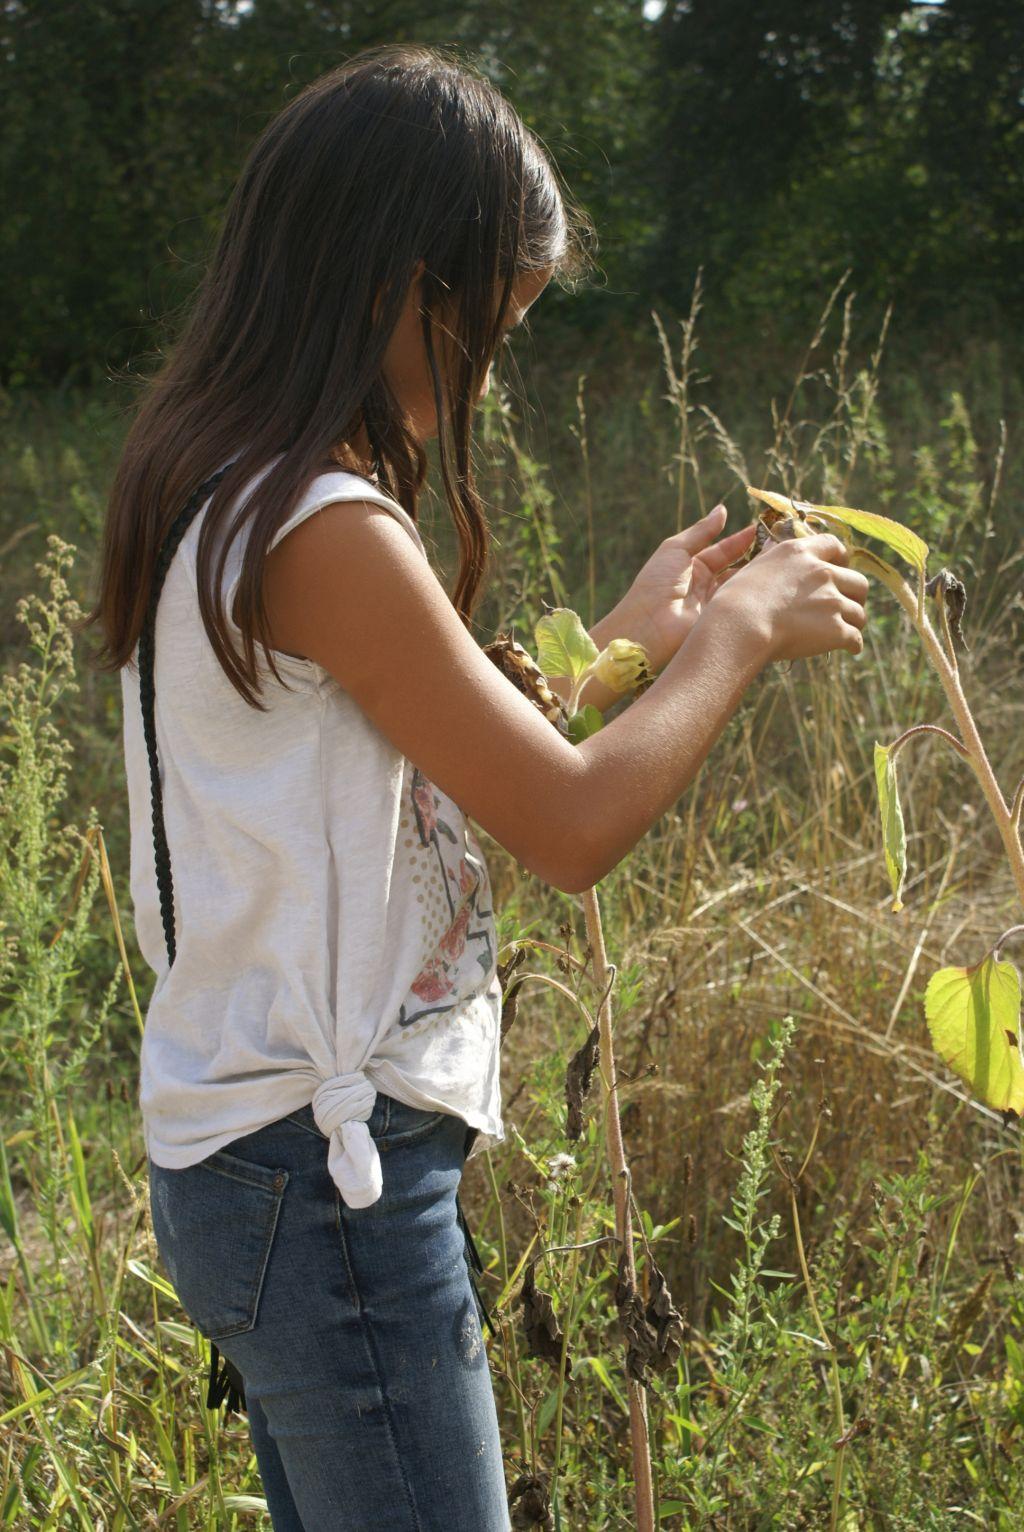 Sonnenblumenkerne finden